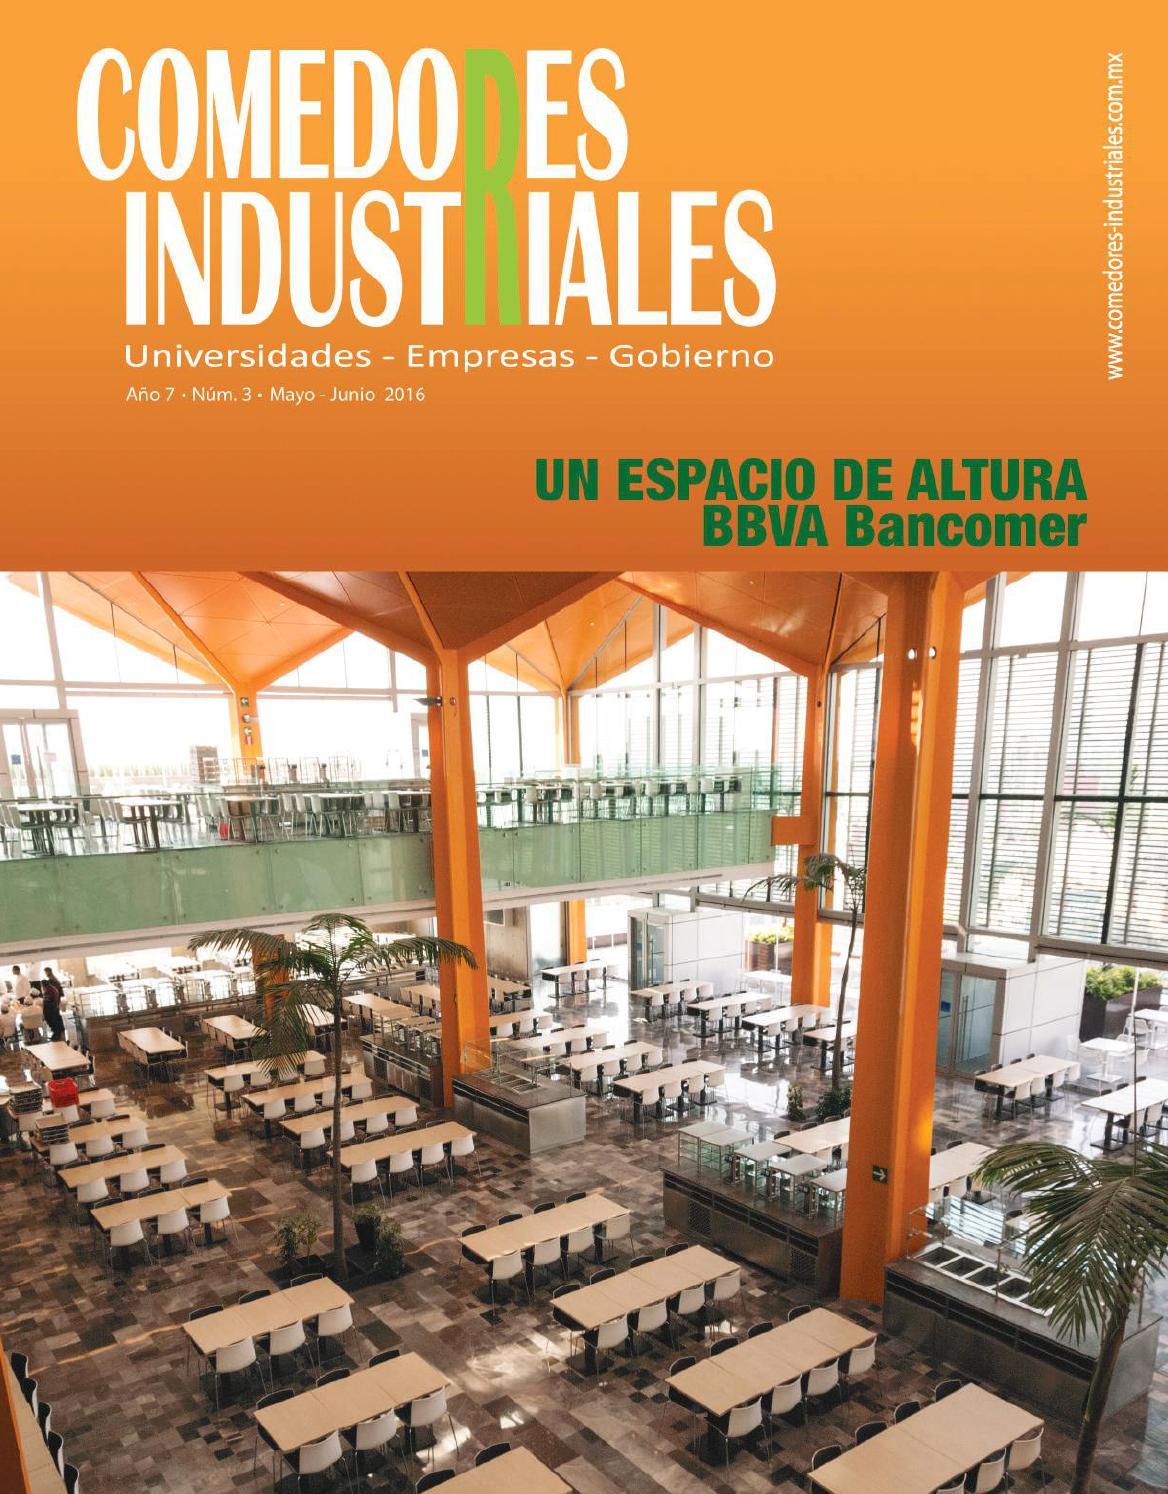 Comedores Industriales mayo  junio de 2016 by Editorial